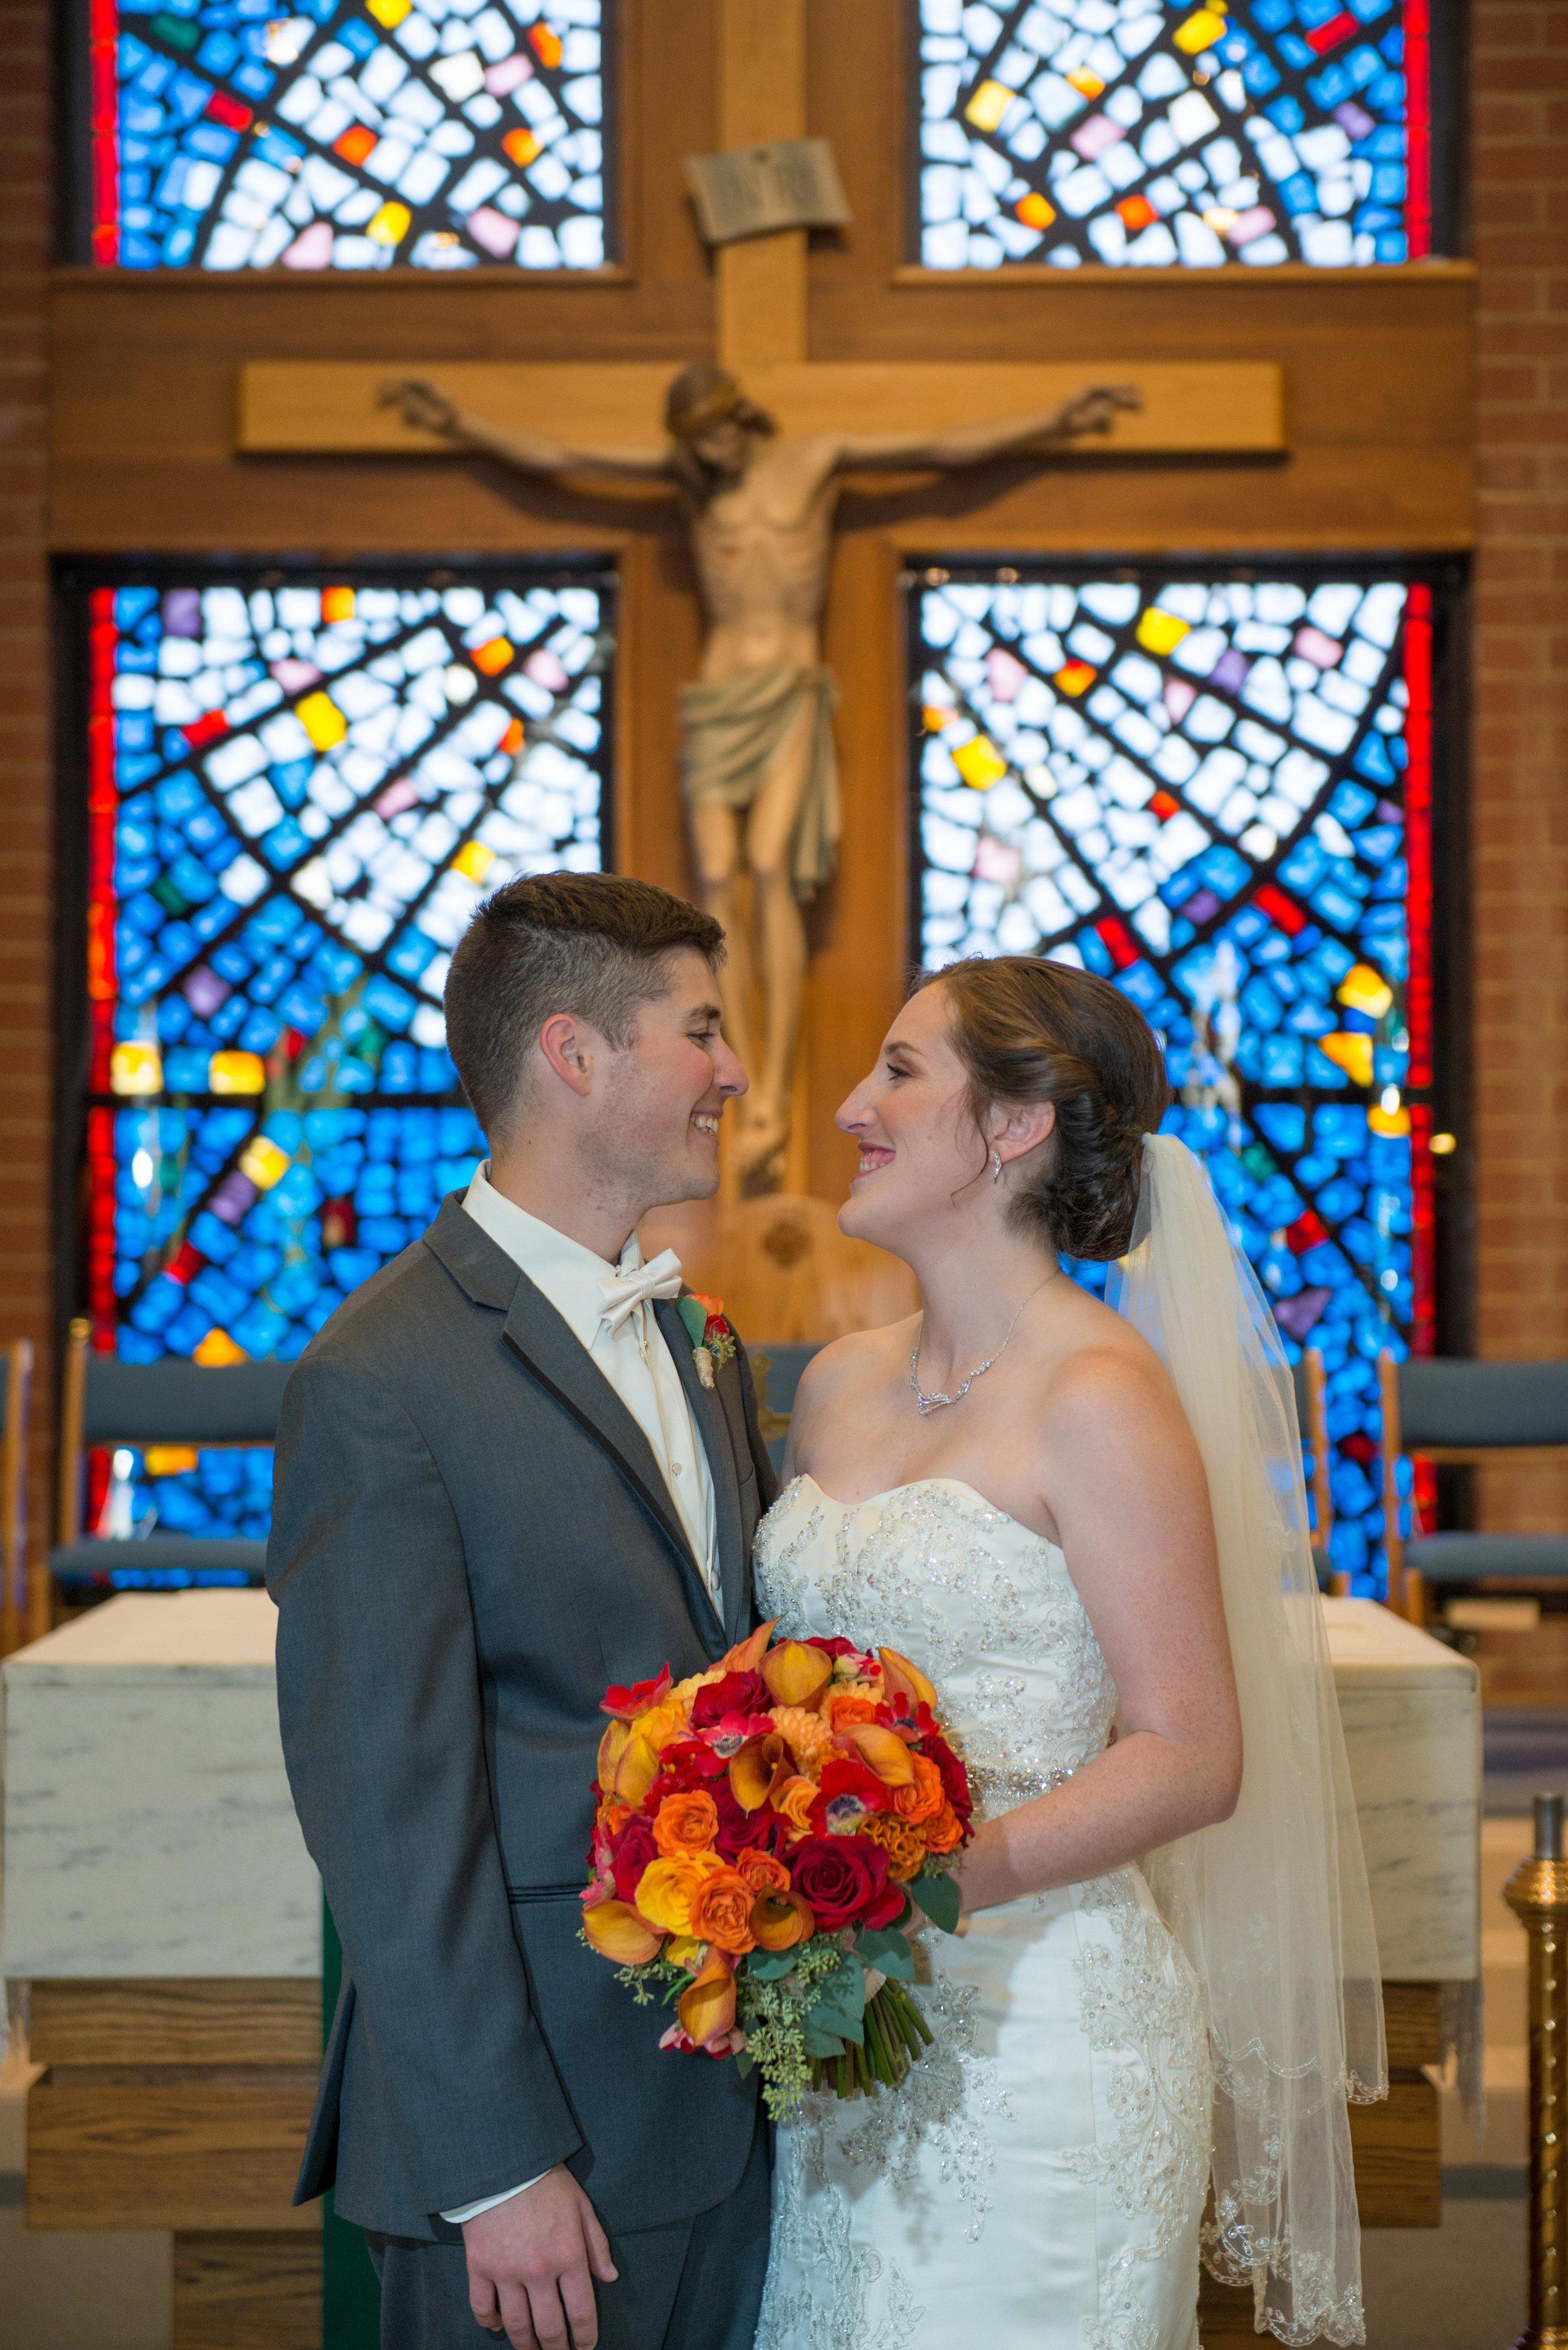 00001_Adams-Wedding-53.jpg